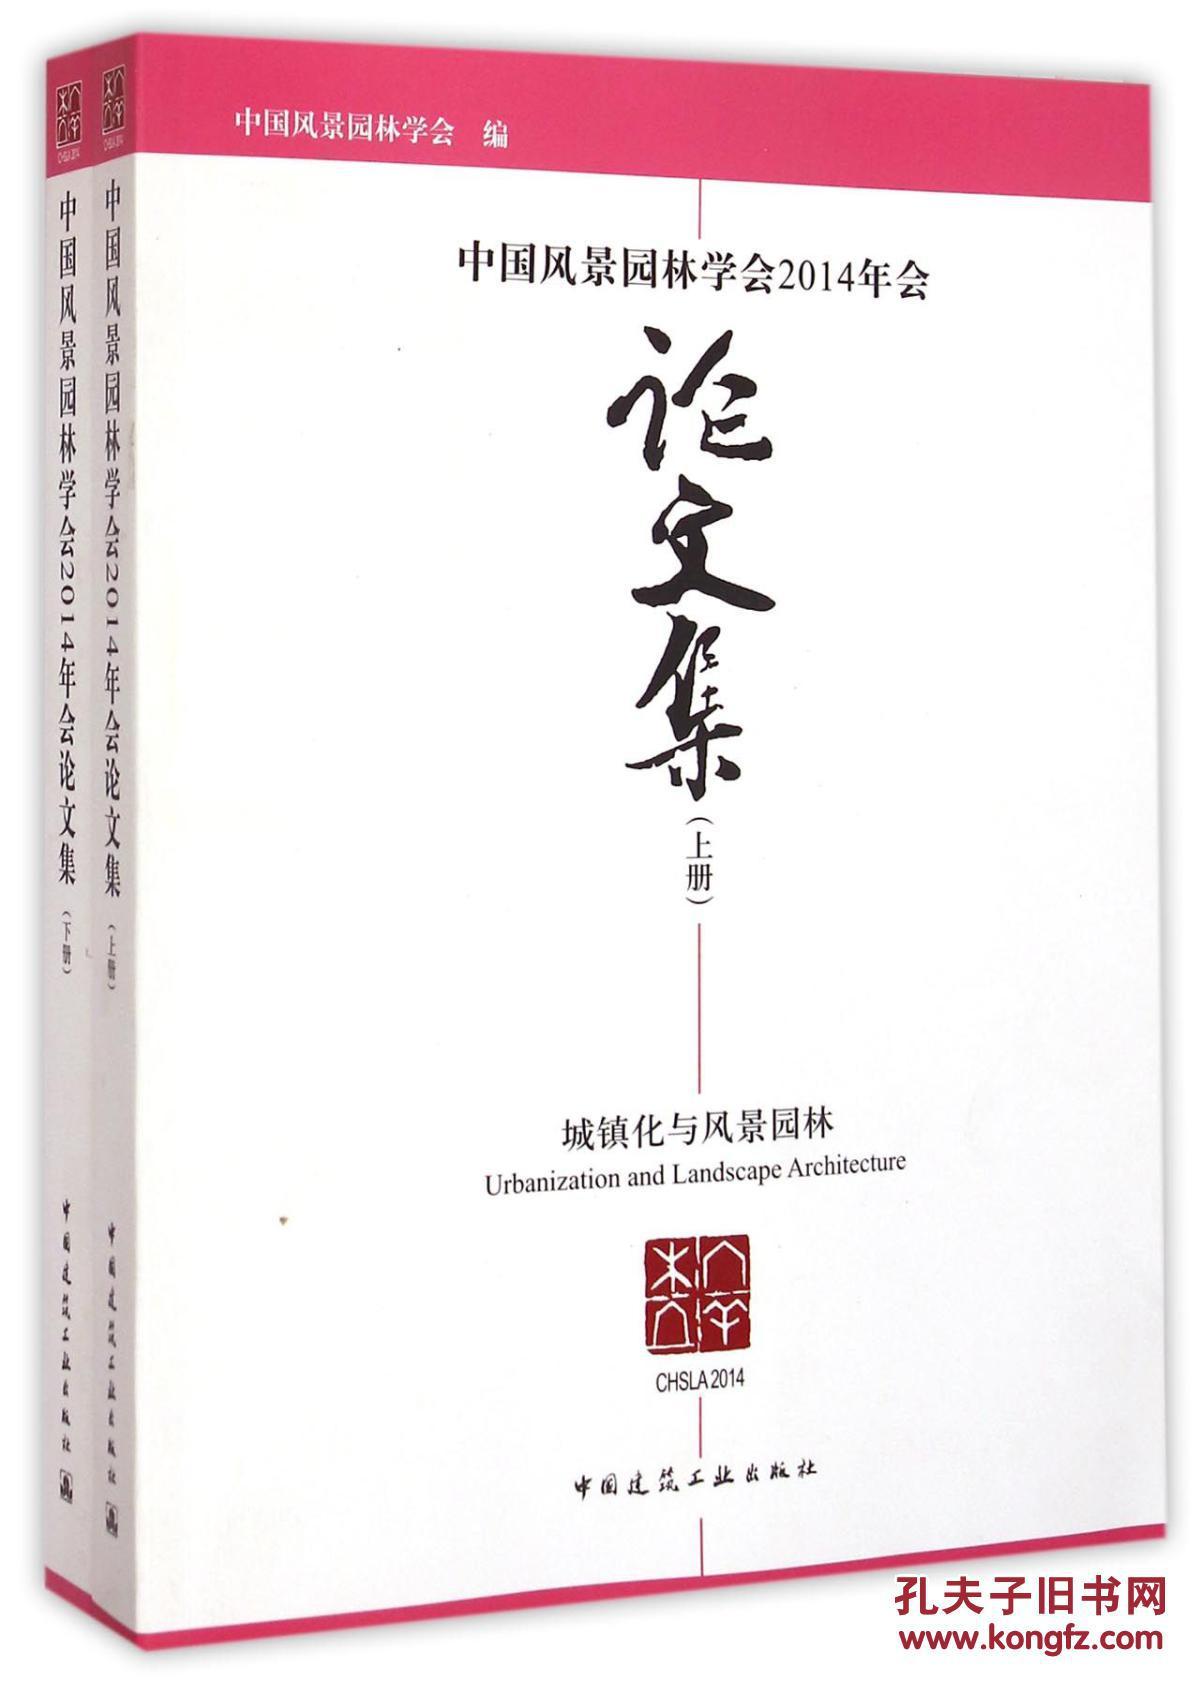 【图】中国风景园林学会2014年会论文集